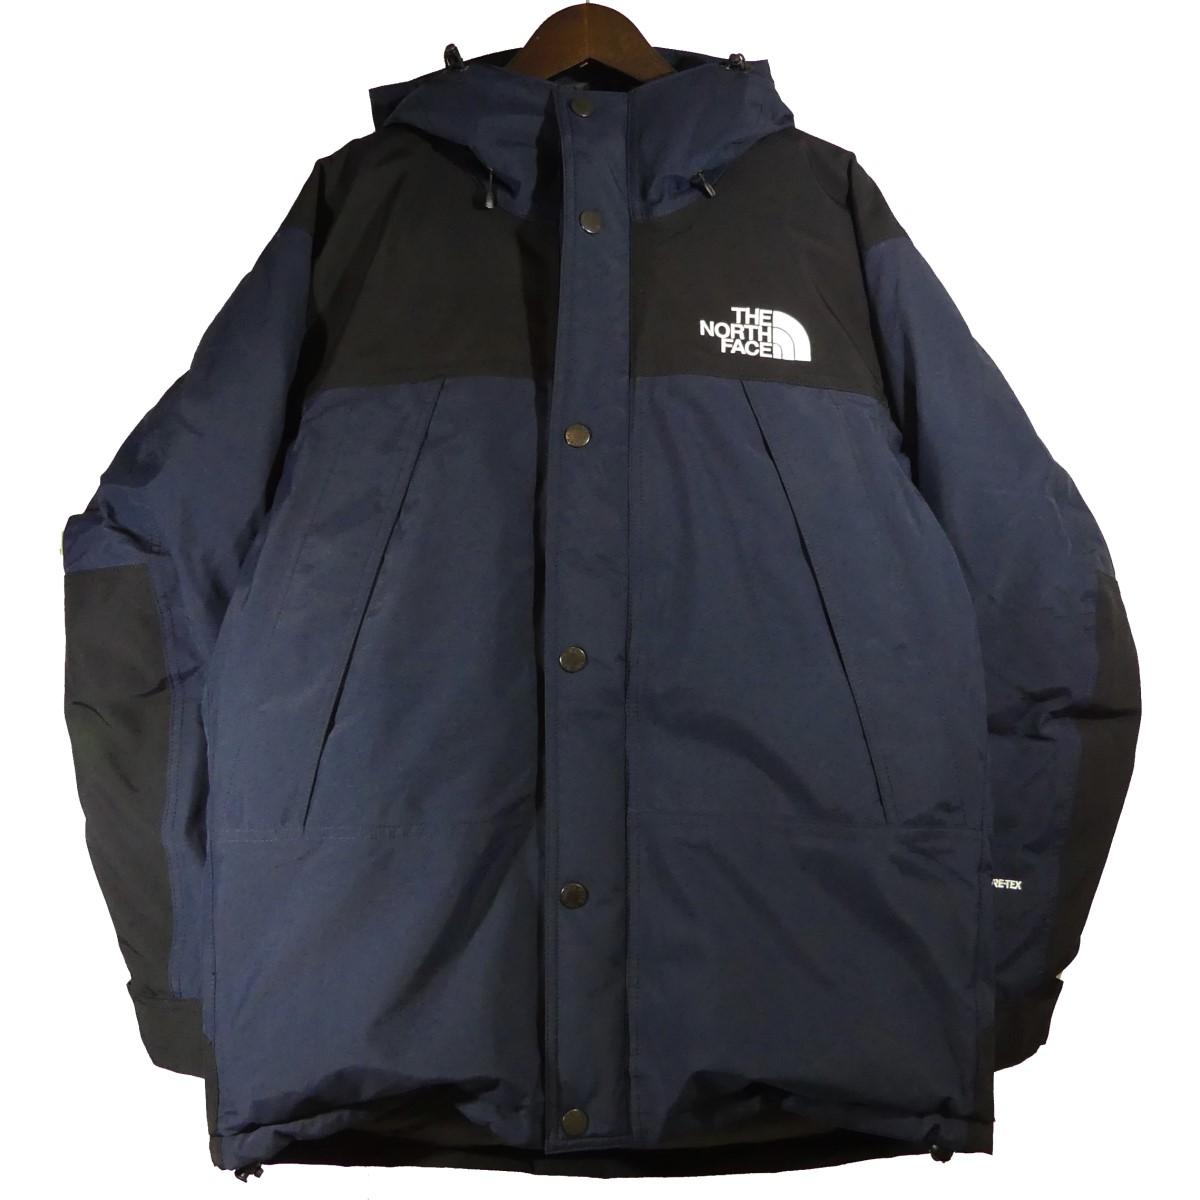 【中古】THE NORTH FACE Mountain Down Jacket ネイビー サイズ:M 【141219】(ザノースフェイス)